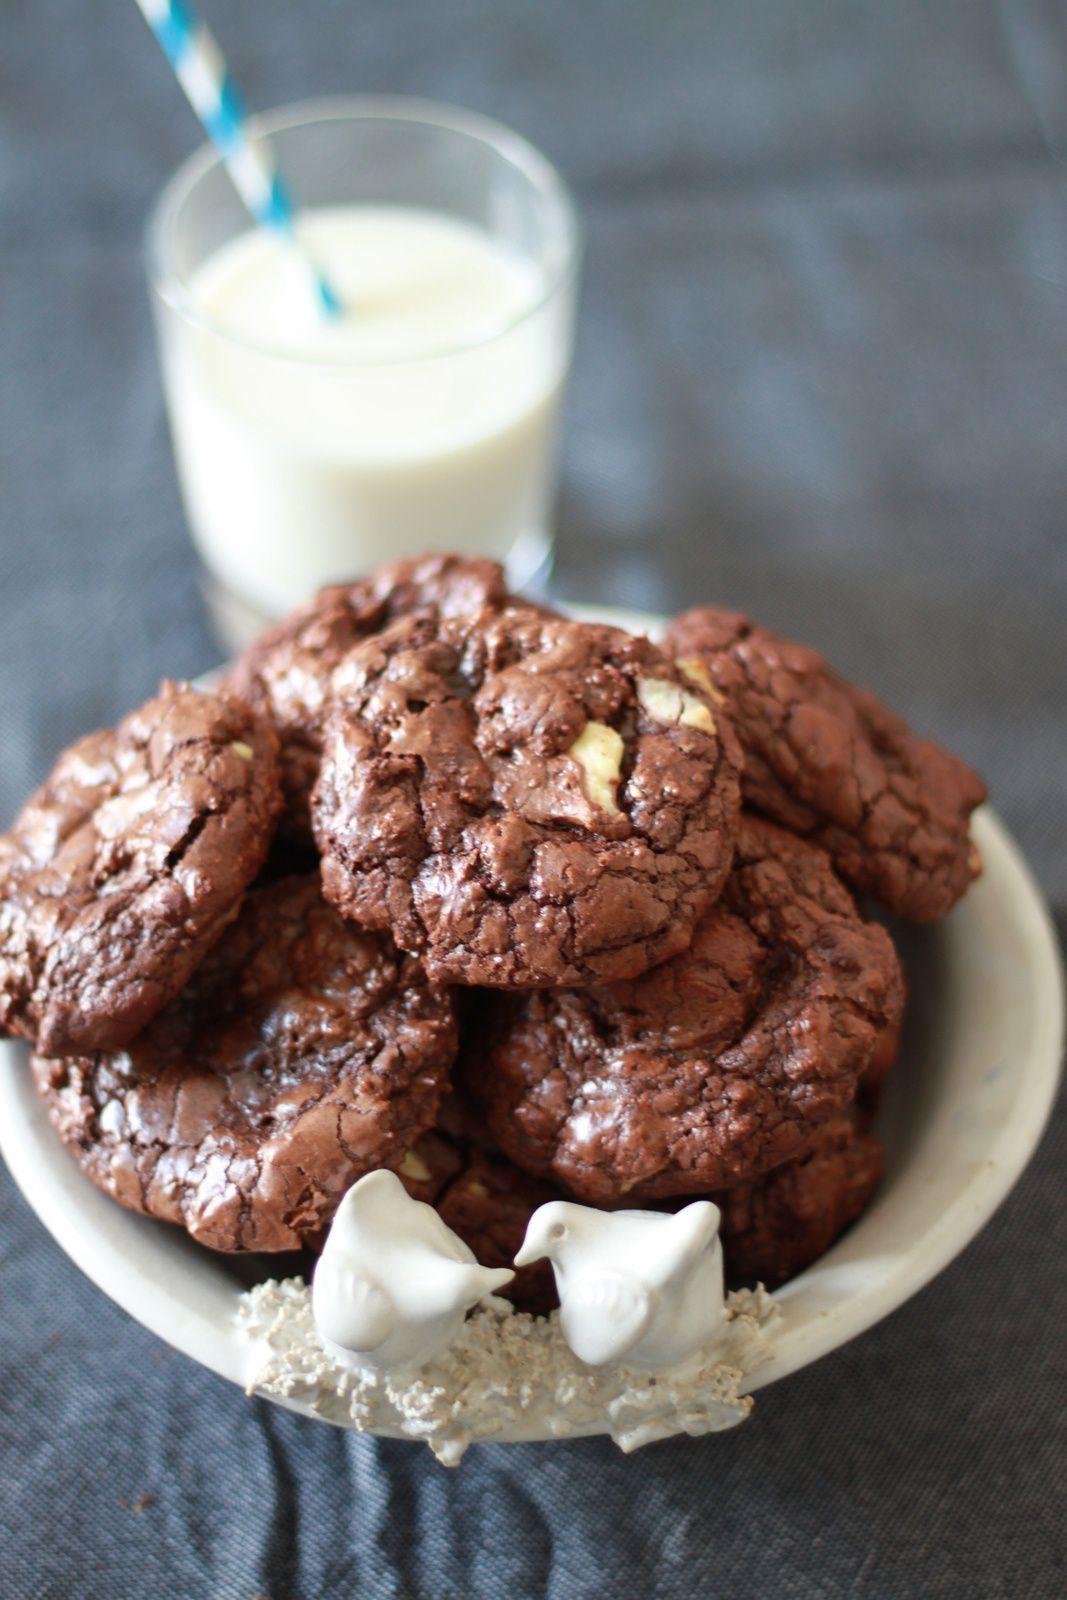 Brownie-cookies avec Kinder...à la place des pépites de chocolat